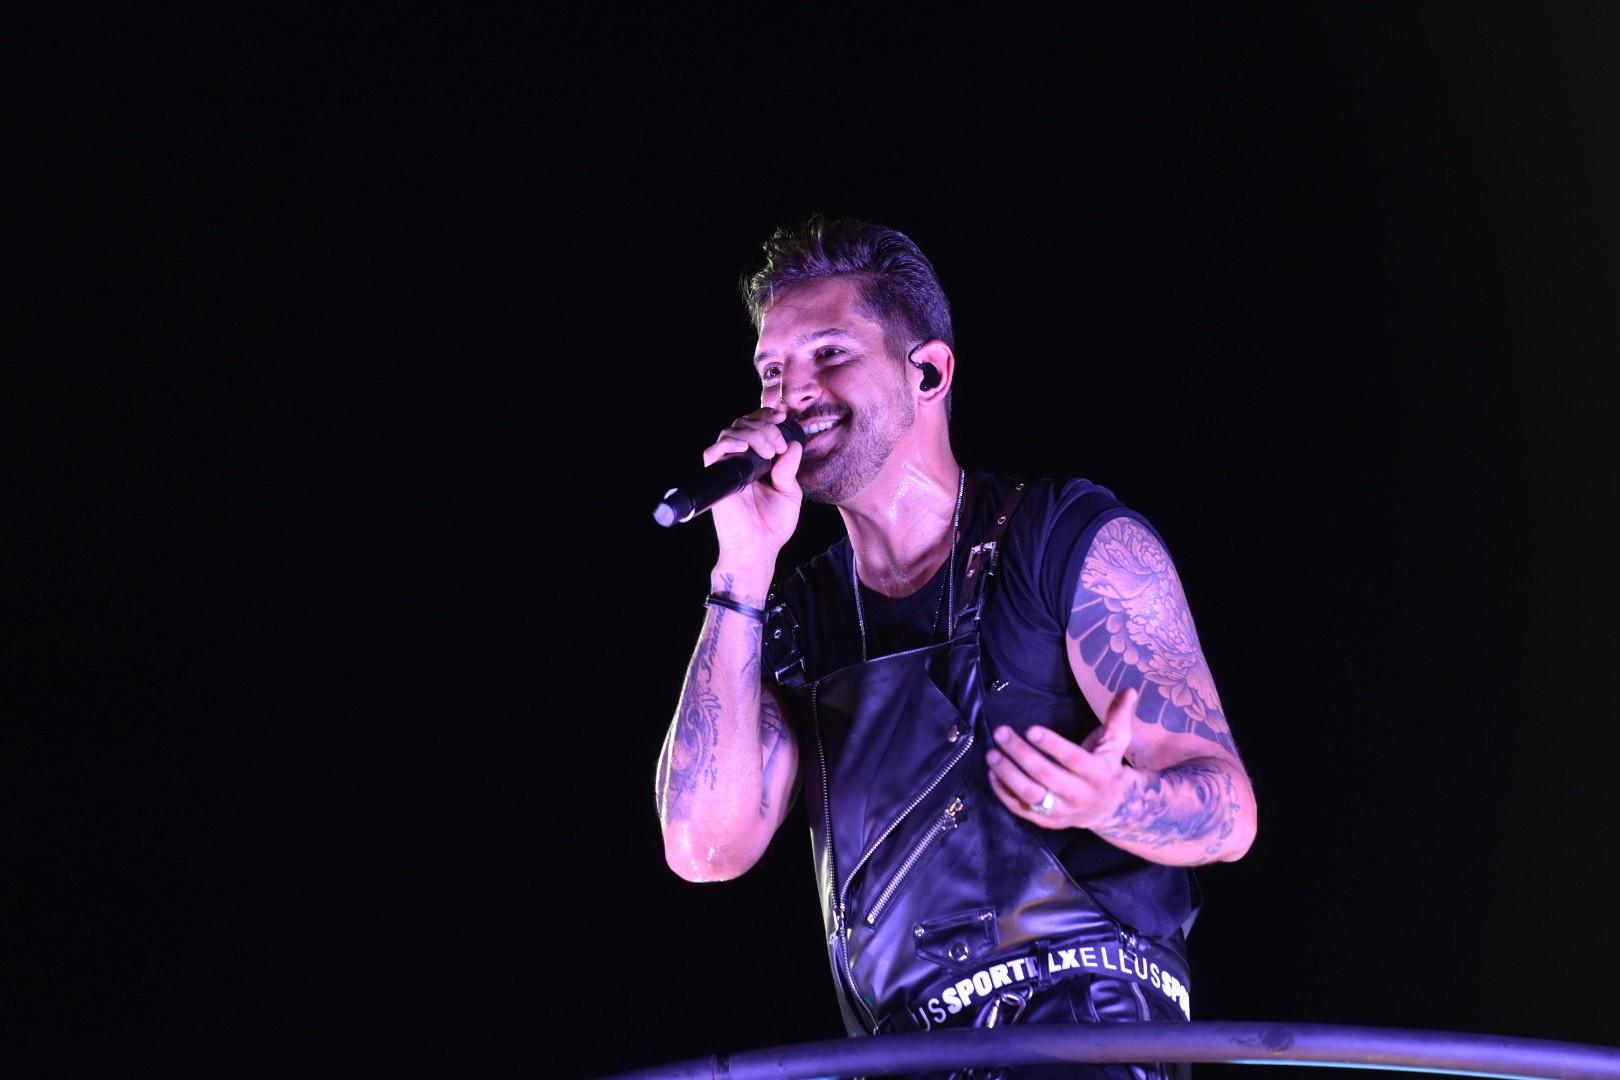 Banda Eva anuncia show com feijoada em Sorocaba no mês de novembro